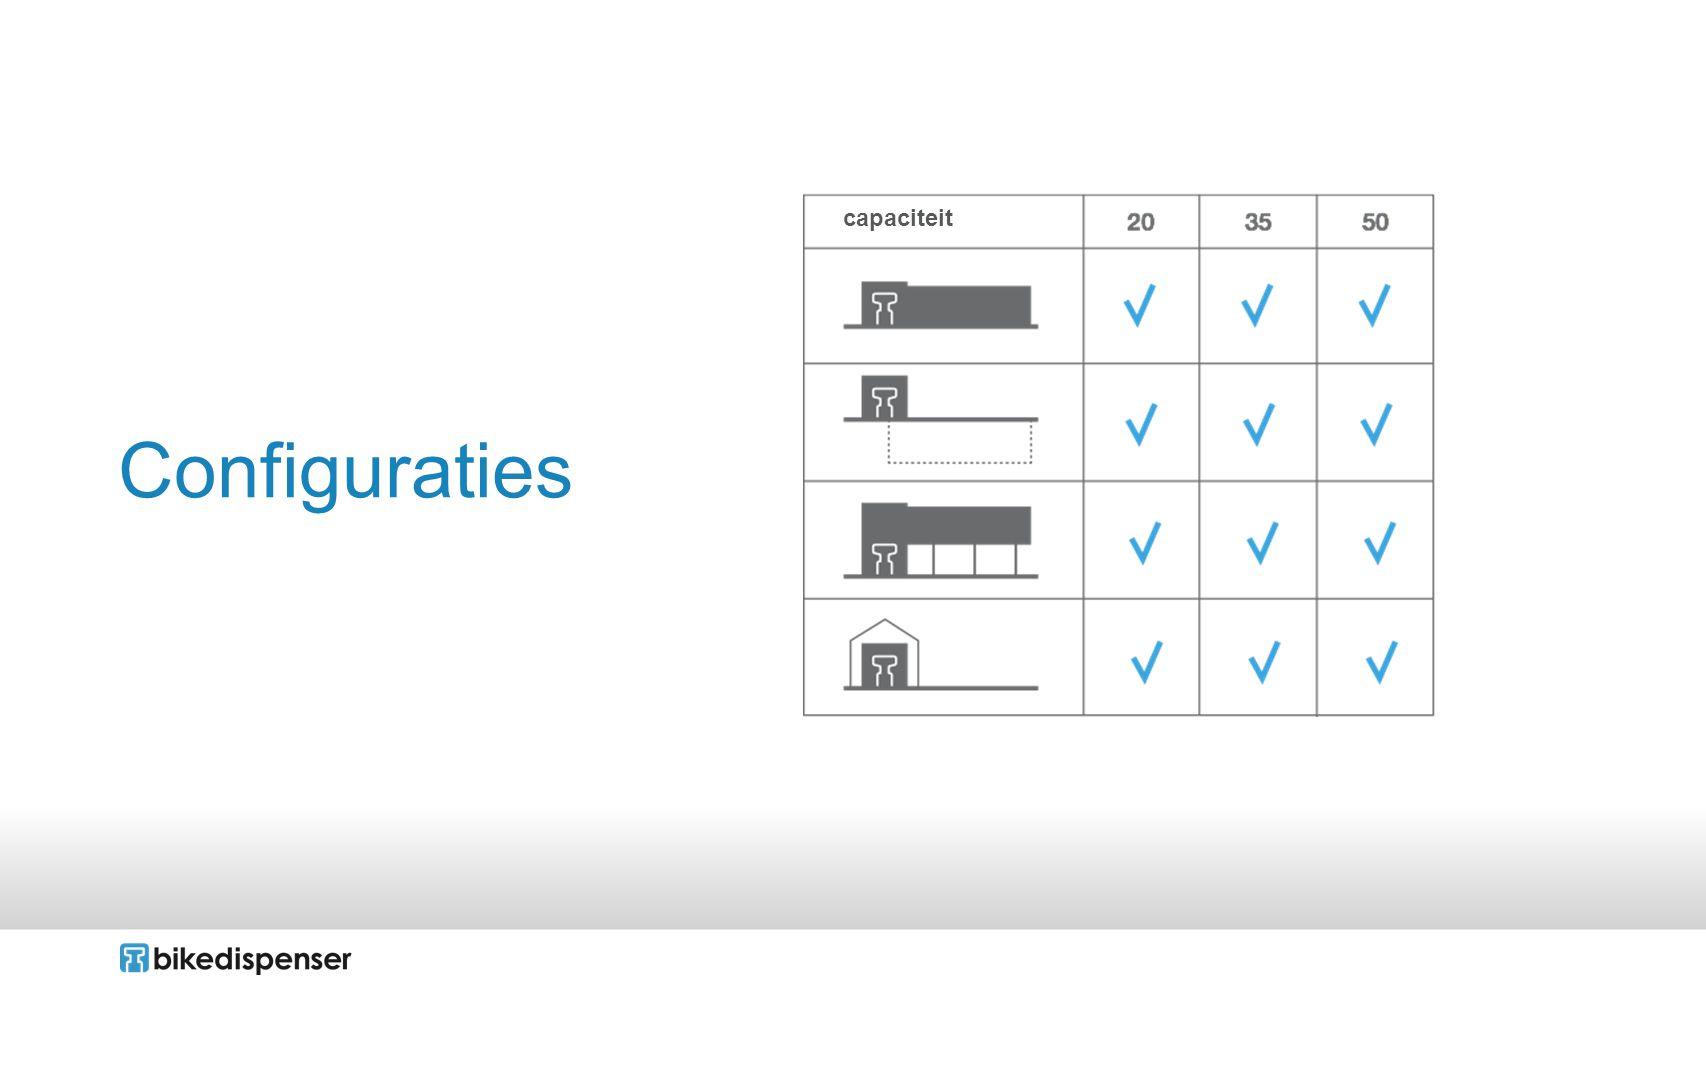 Configuraties capaciteit